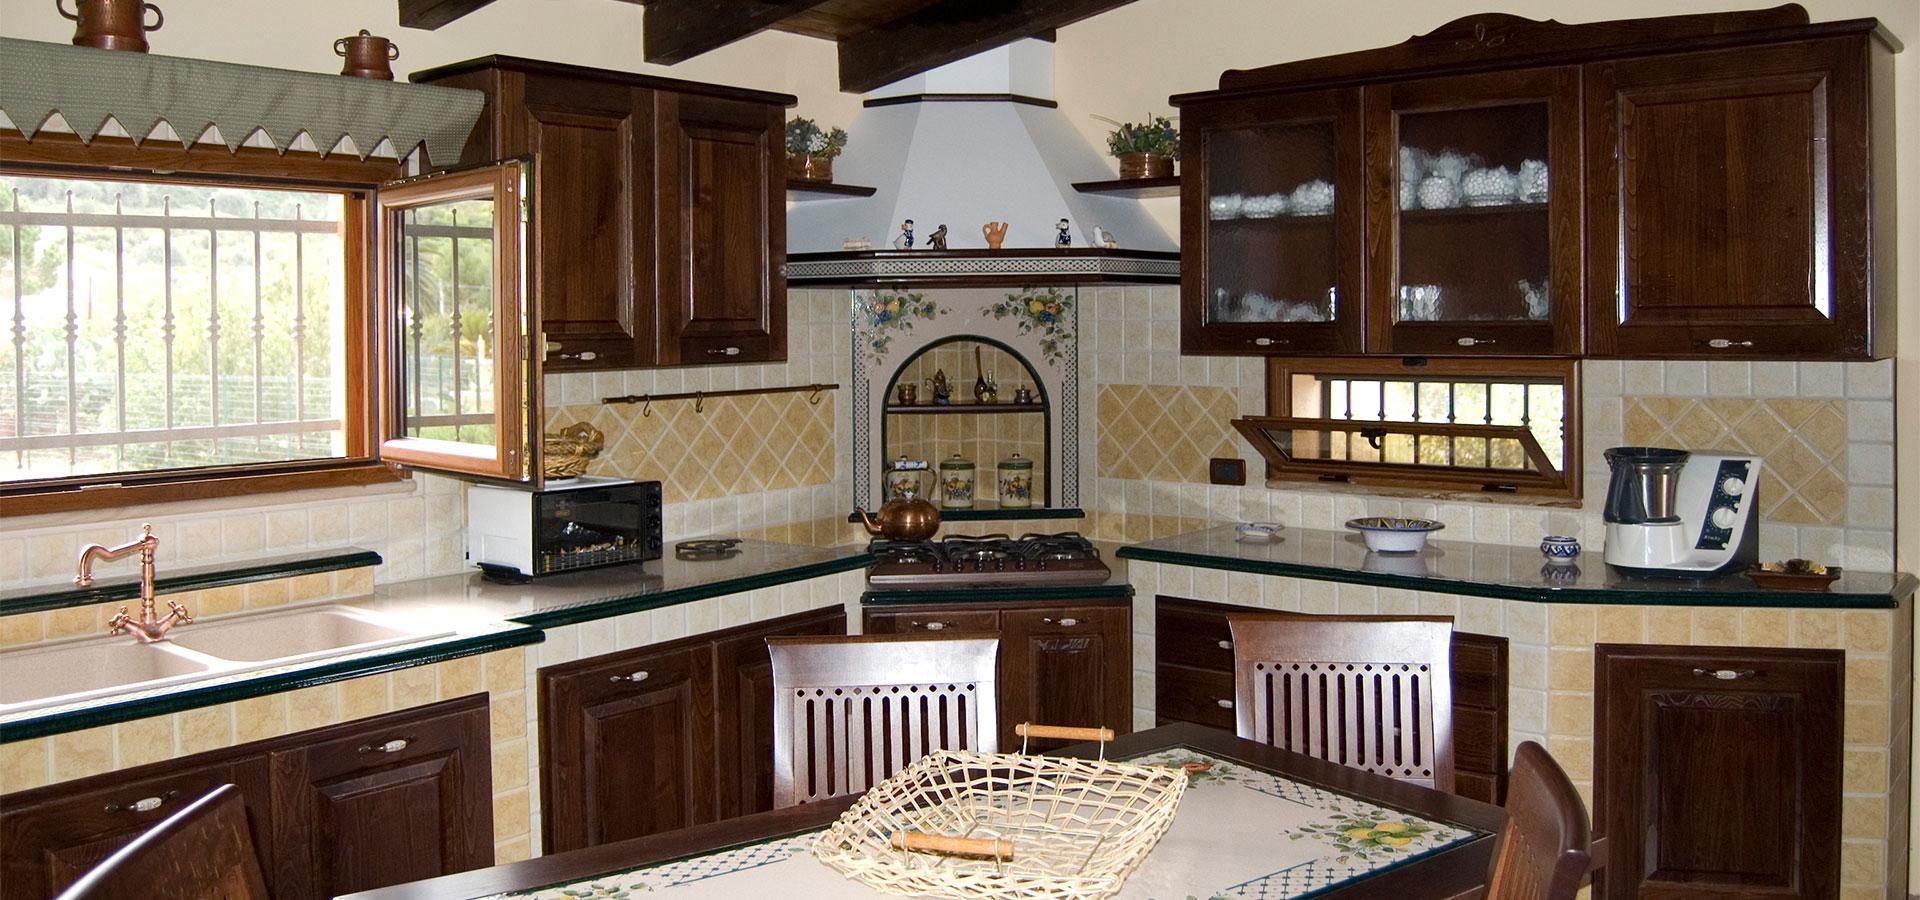 Realizziamo cucine country in muratura smontabile - Arte sole cucine ...